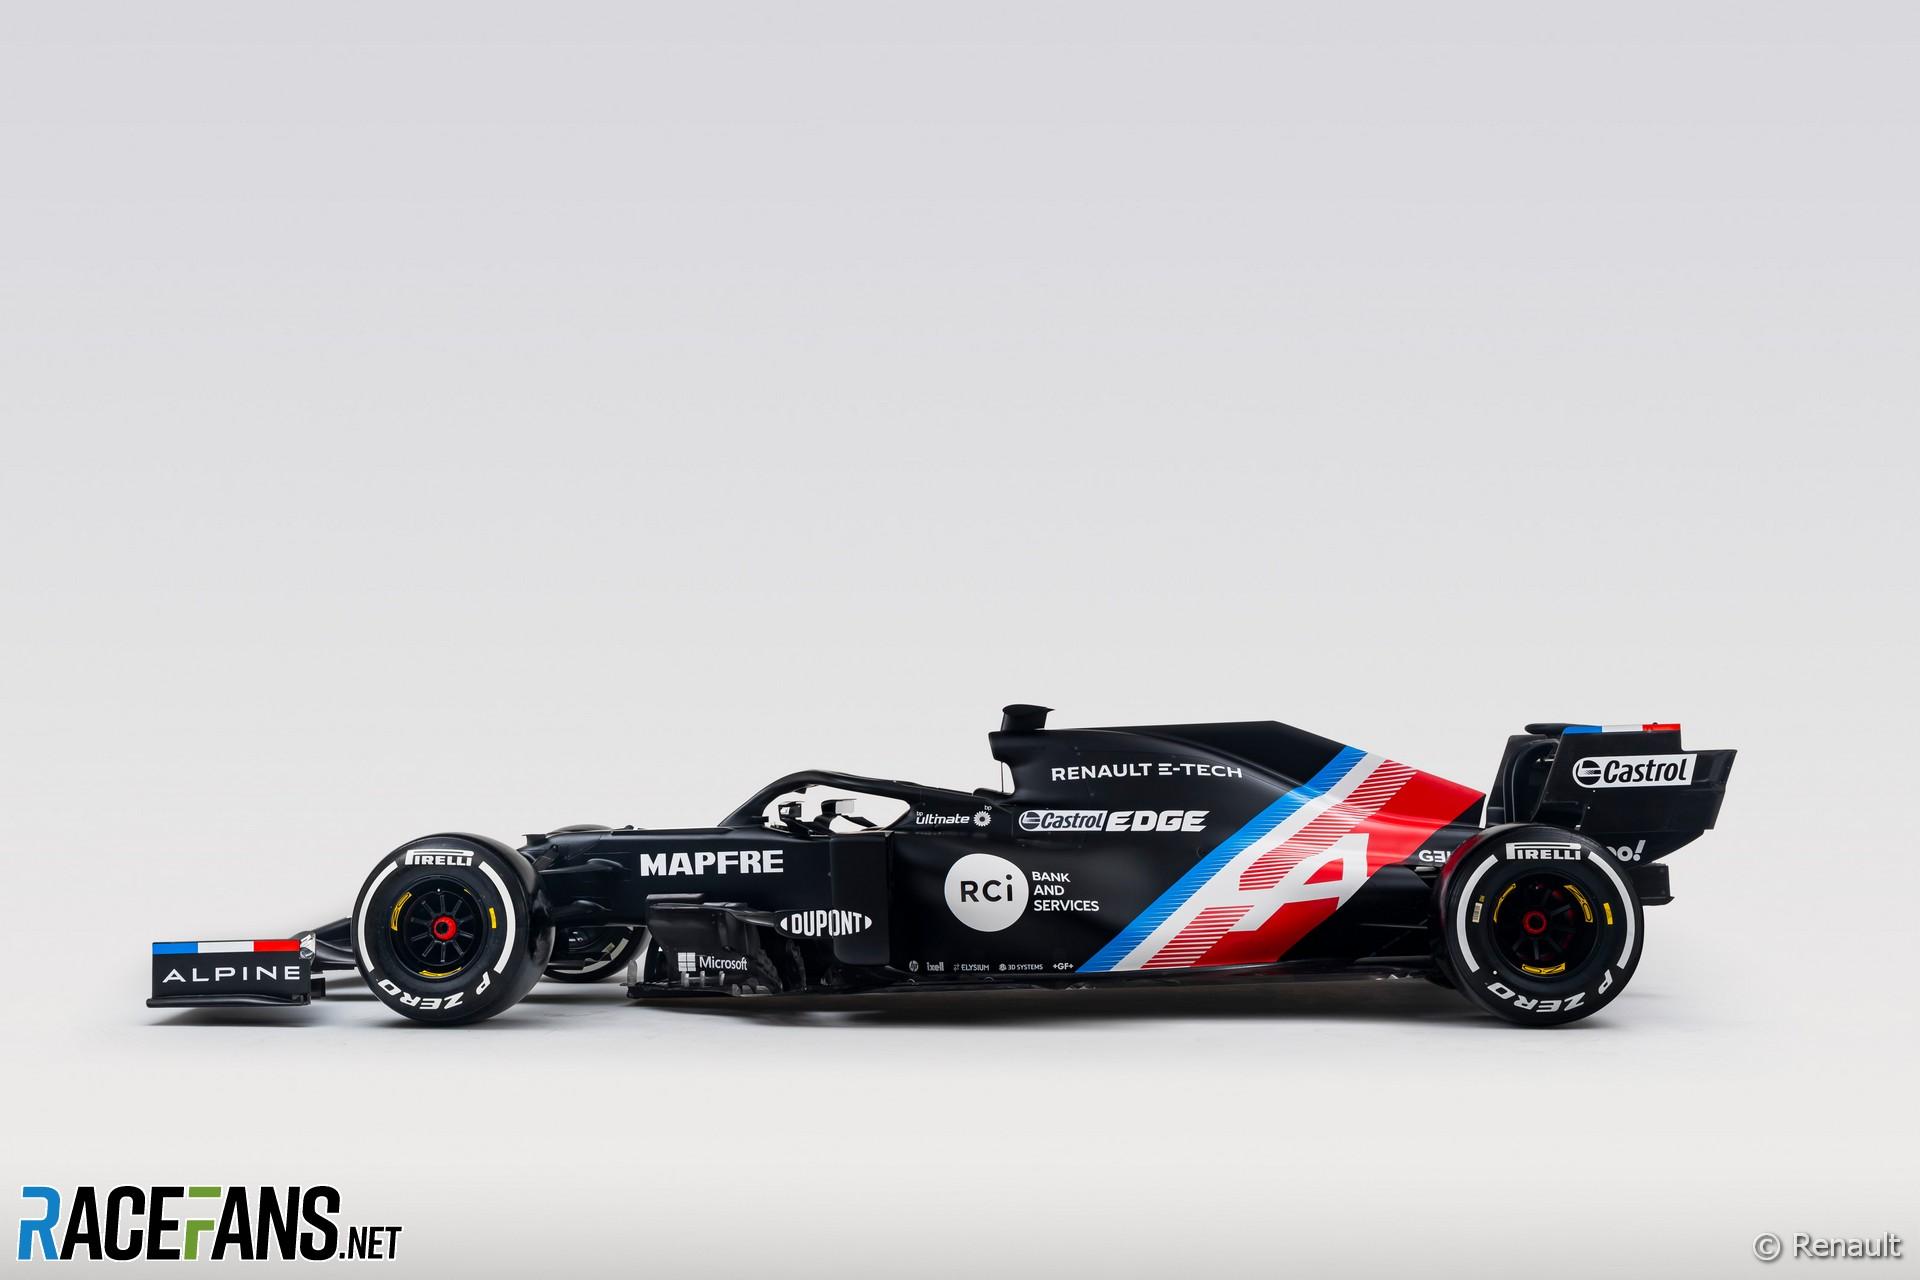 Alpine interim 2021 F1 livery